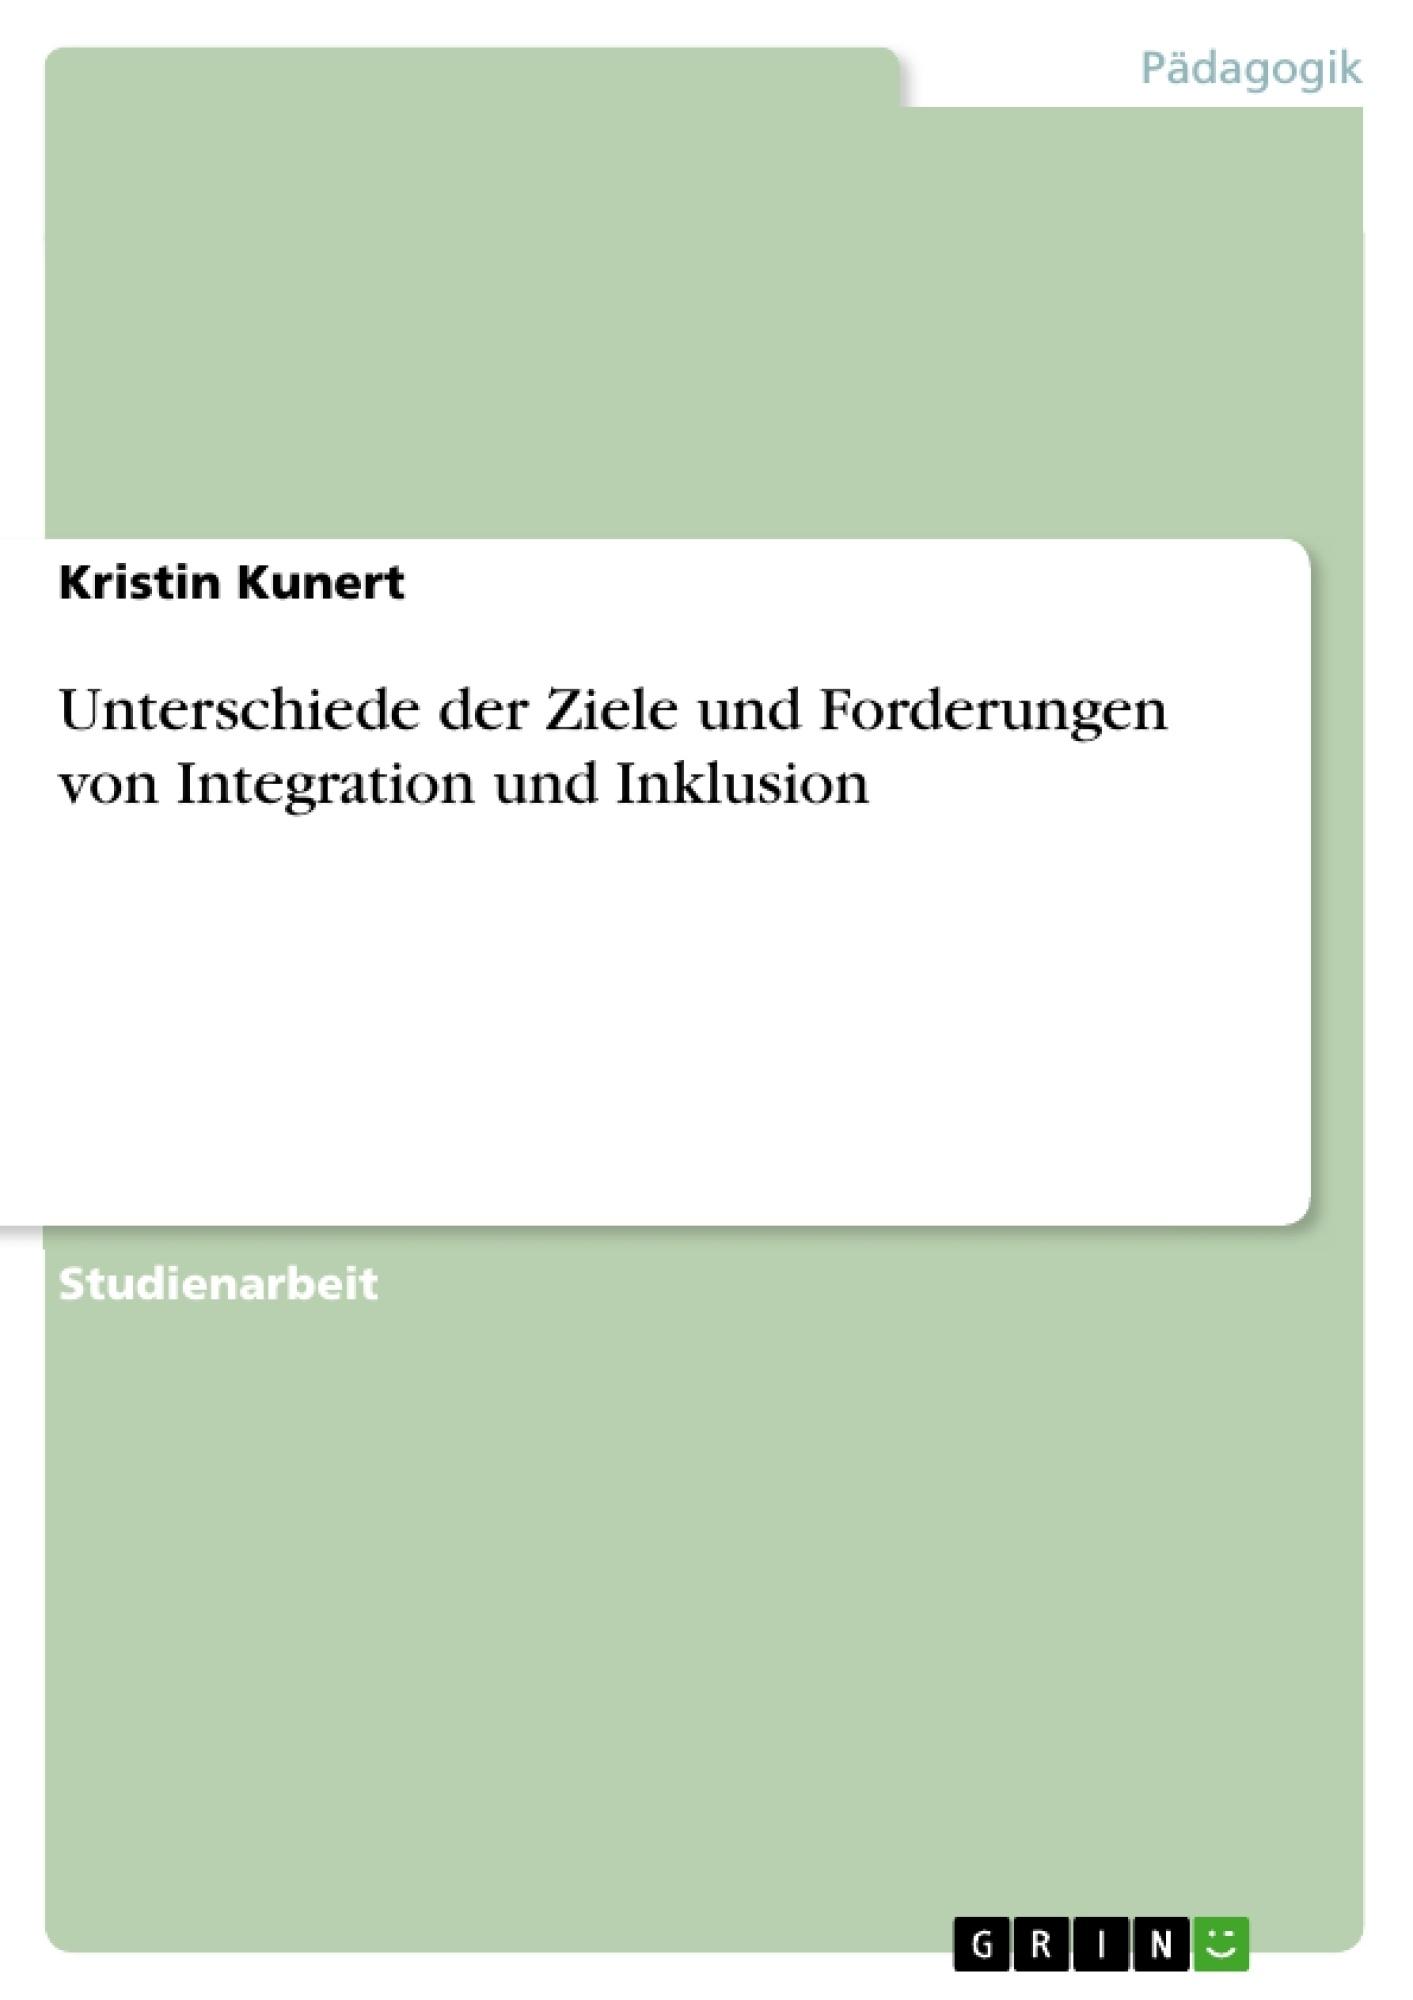 Titel: Unterschiede der Ziele und Forderungen von Integration und Inklusion